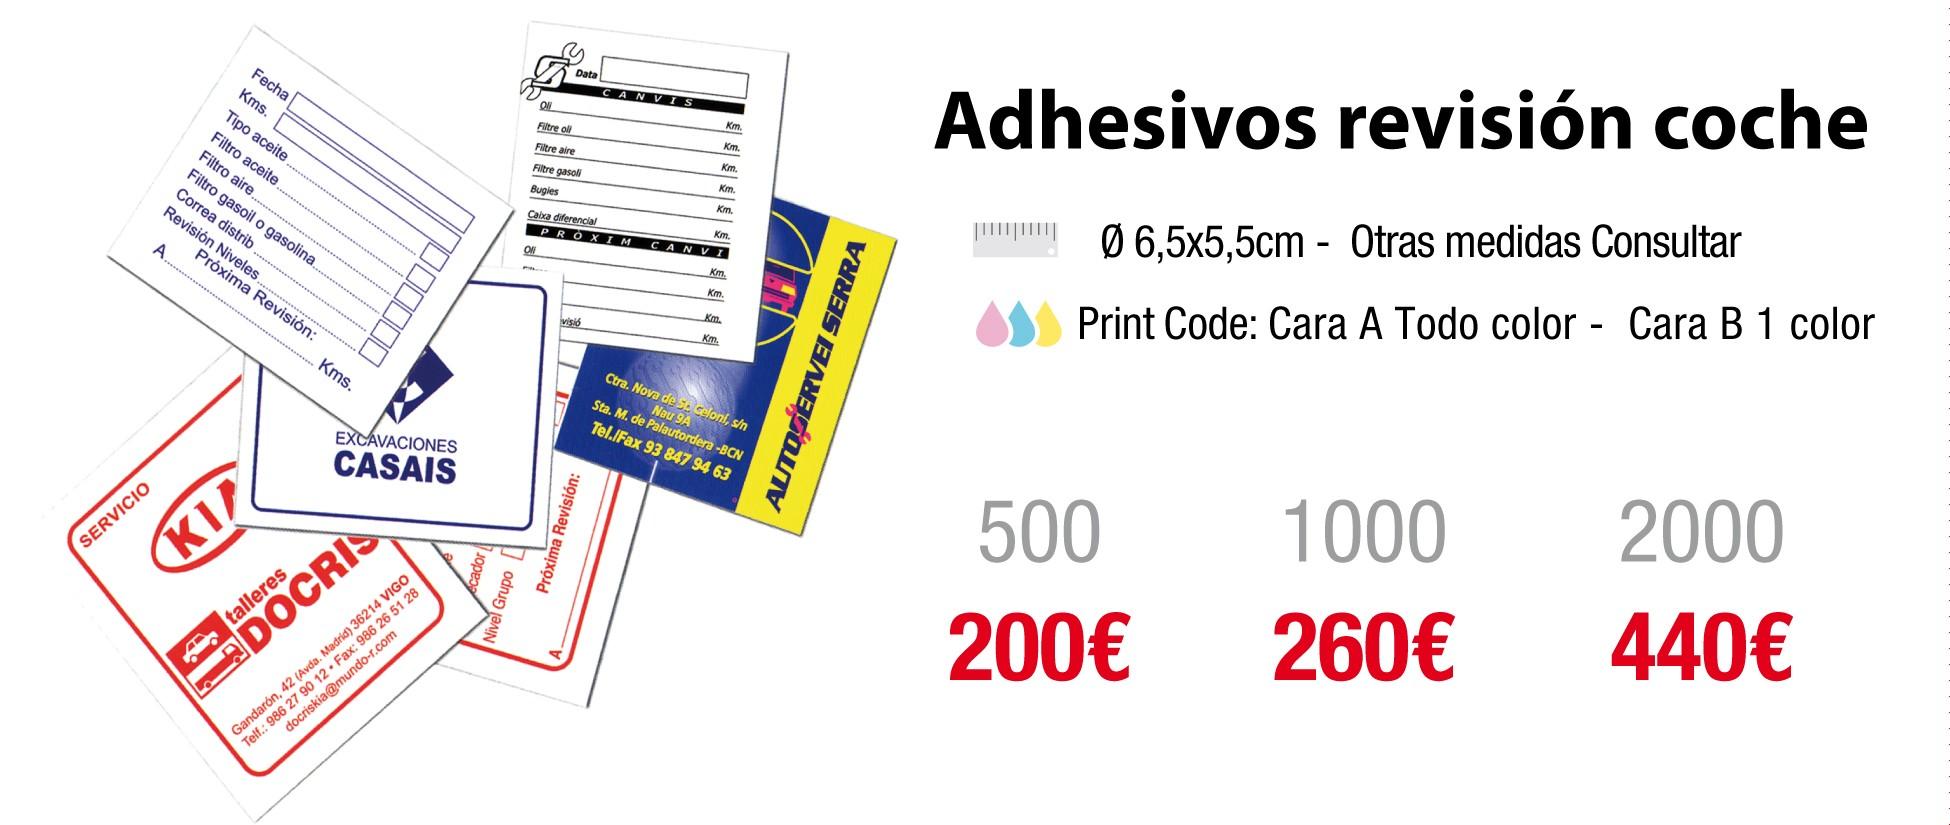 adhesivos revisión coche